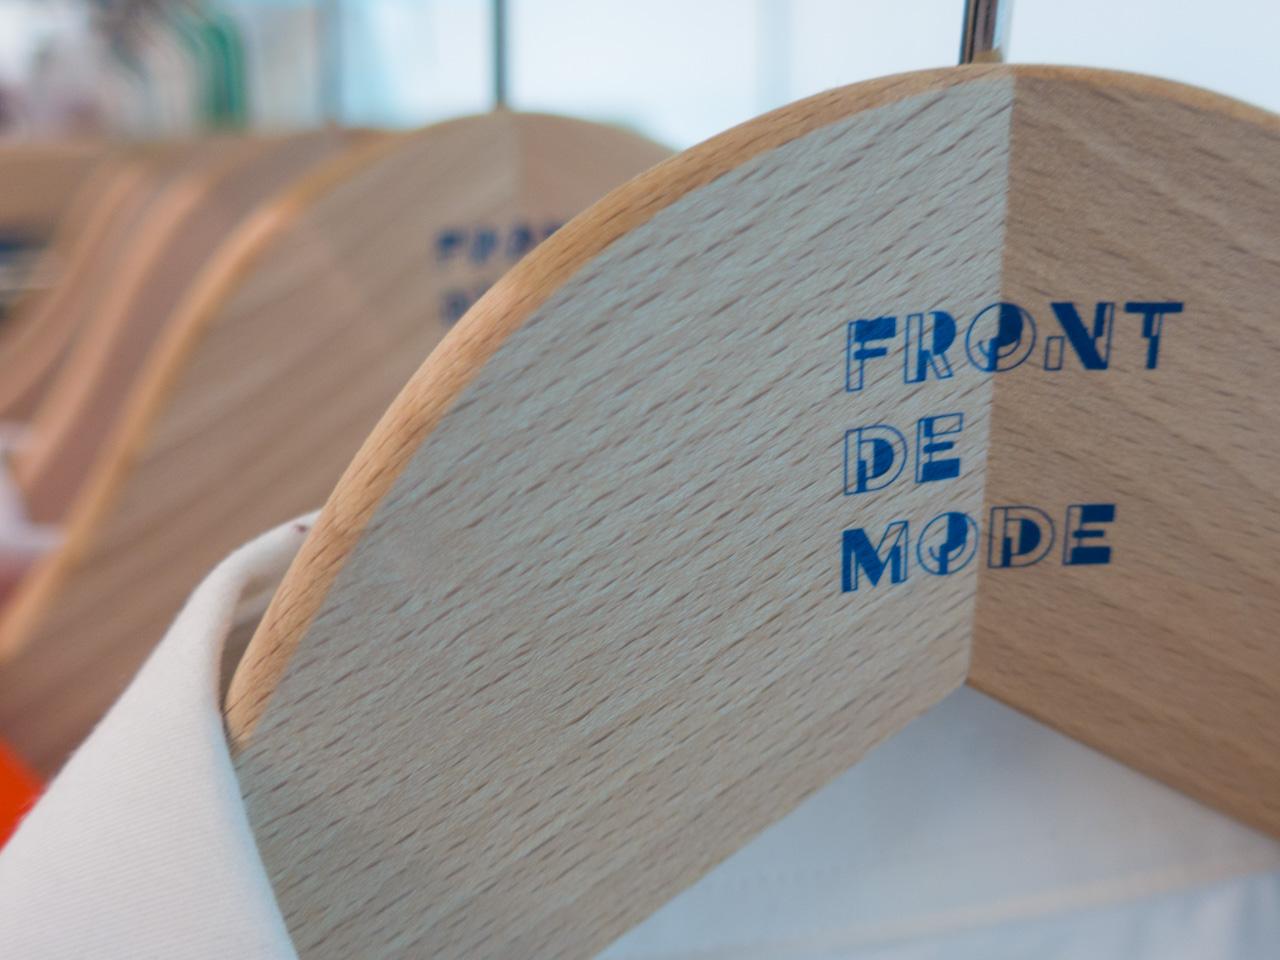 Front de Mode concept store rue volta dévloppement durable